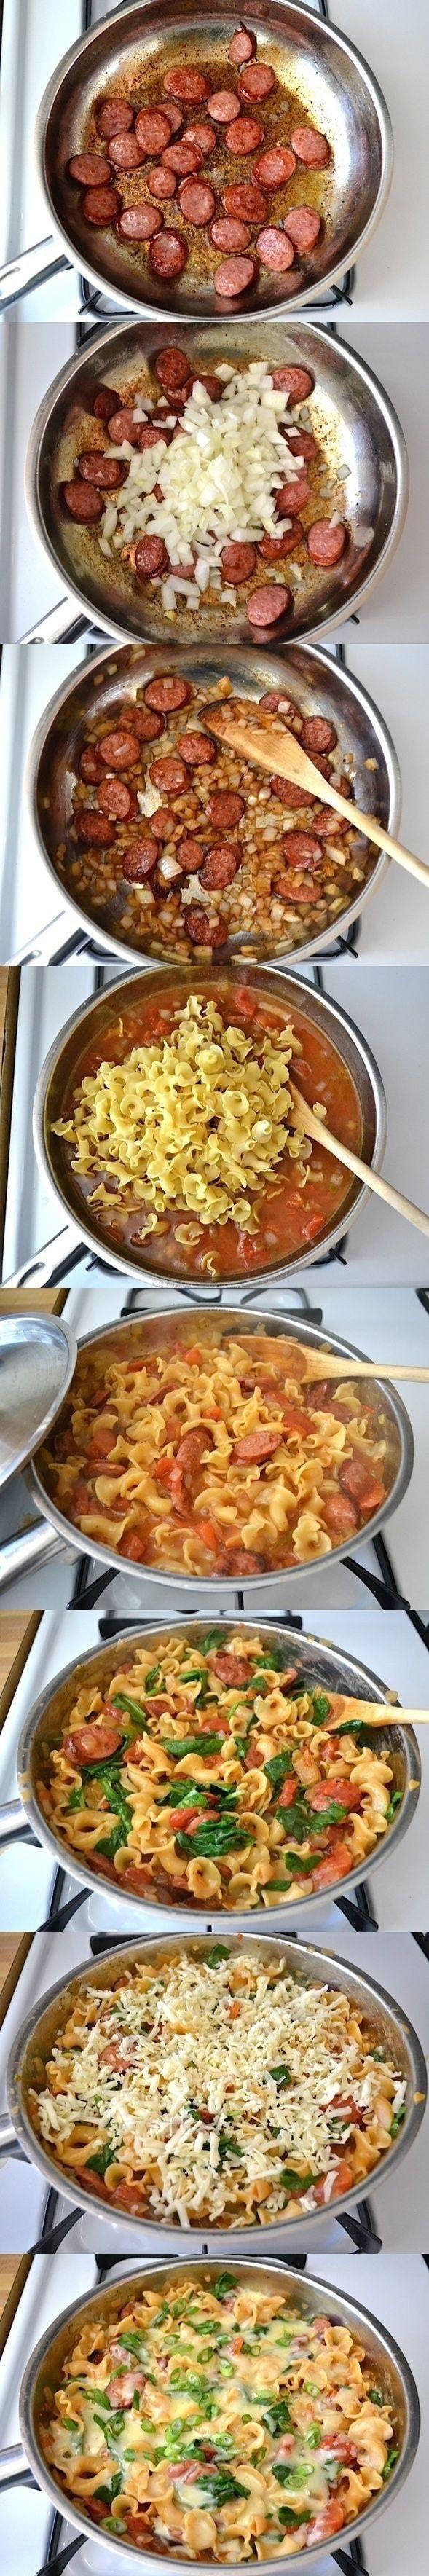 Podsmaż cebulkę, potem dodaj kiełbaskę, zalej pomidorami z puszki i wodą wrzuć makaron wymieszaj przykryj i gotuj na małym ogniu aż makaron zmięknie, na końcu zetrzyj sera przykryj i jeszcze chwilę potrzymaj na palniku ale wyłącz. super smakuje! polecam!